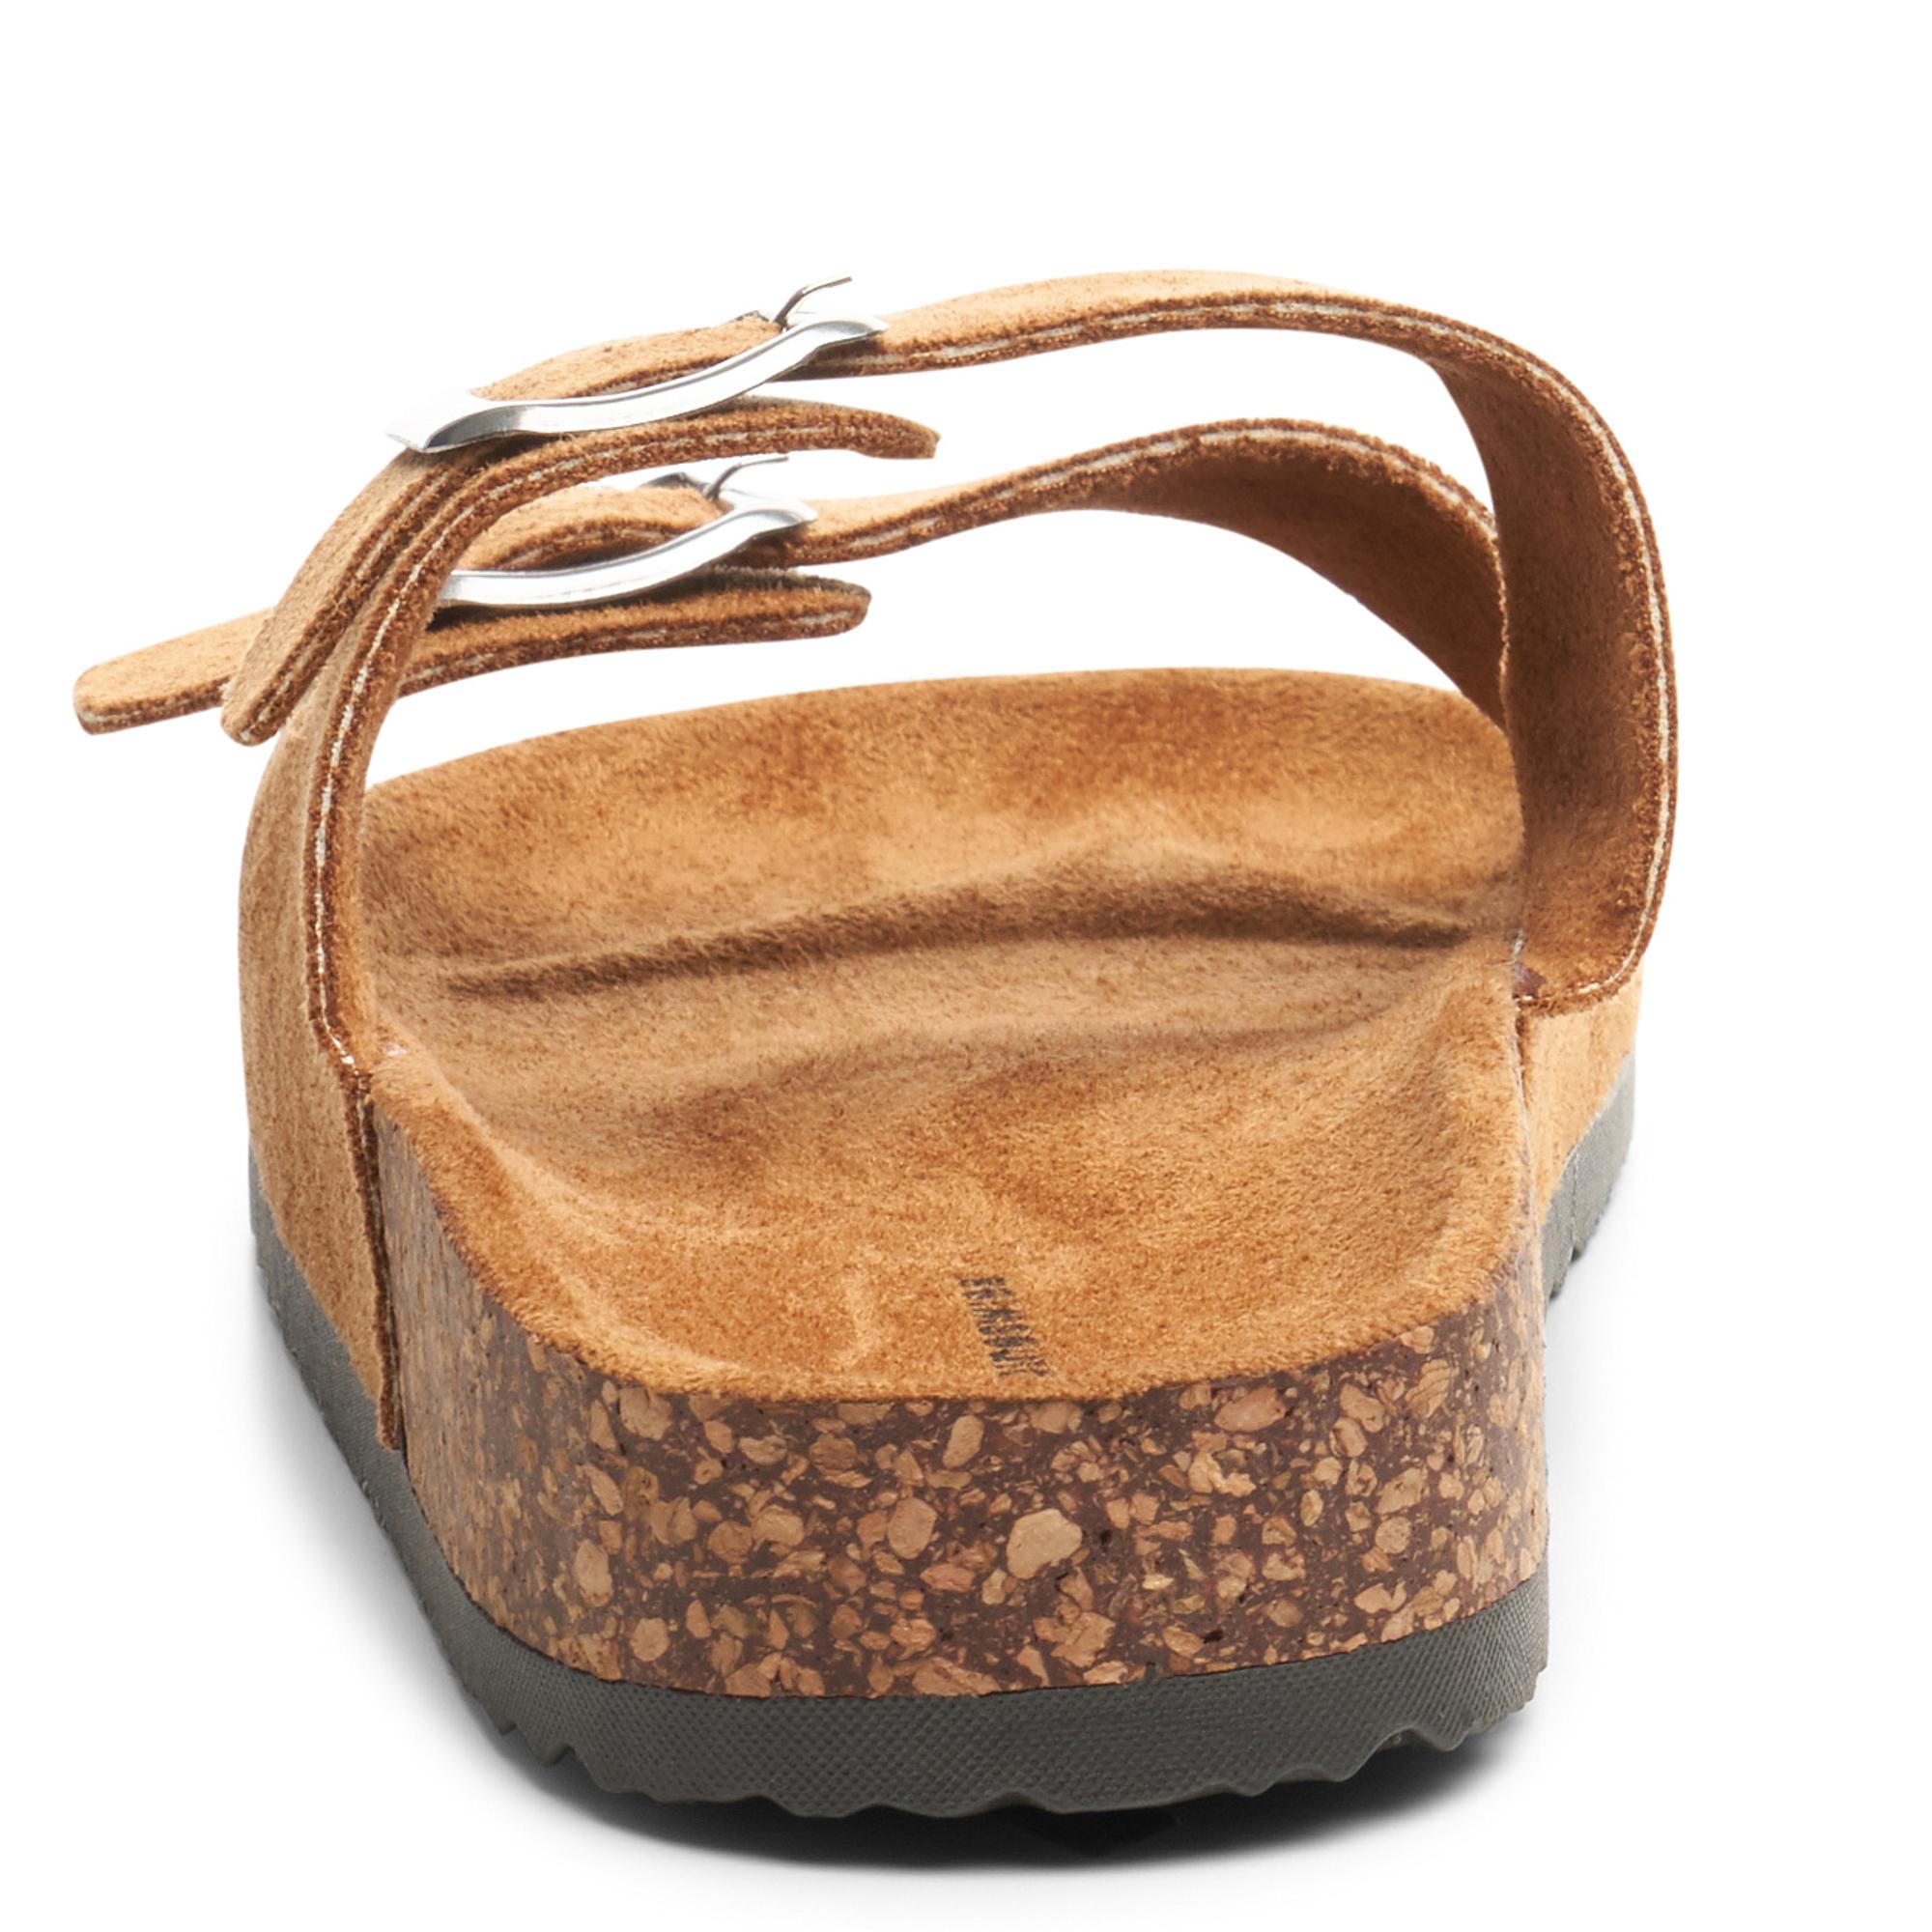 Alpine-Swiss-Womens-Double-Strap-Slide-Sandals-EVA-Sole-Flat-Comfort-Shoes thumbnail 22